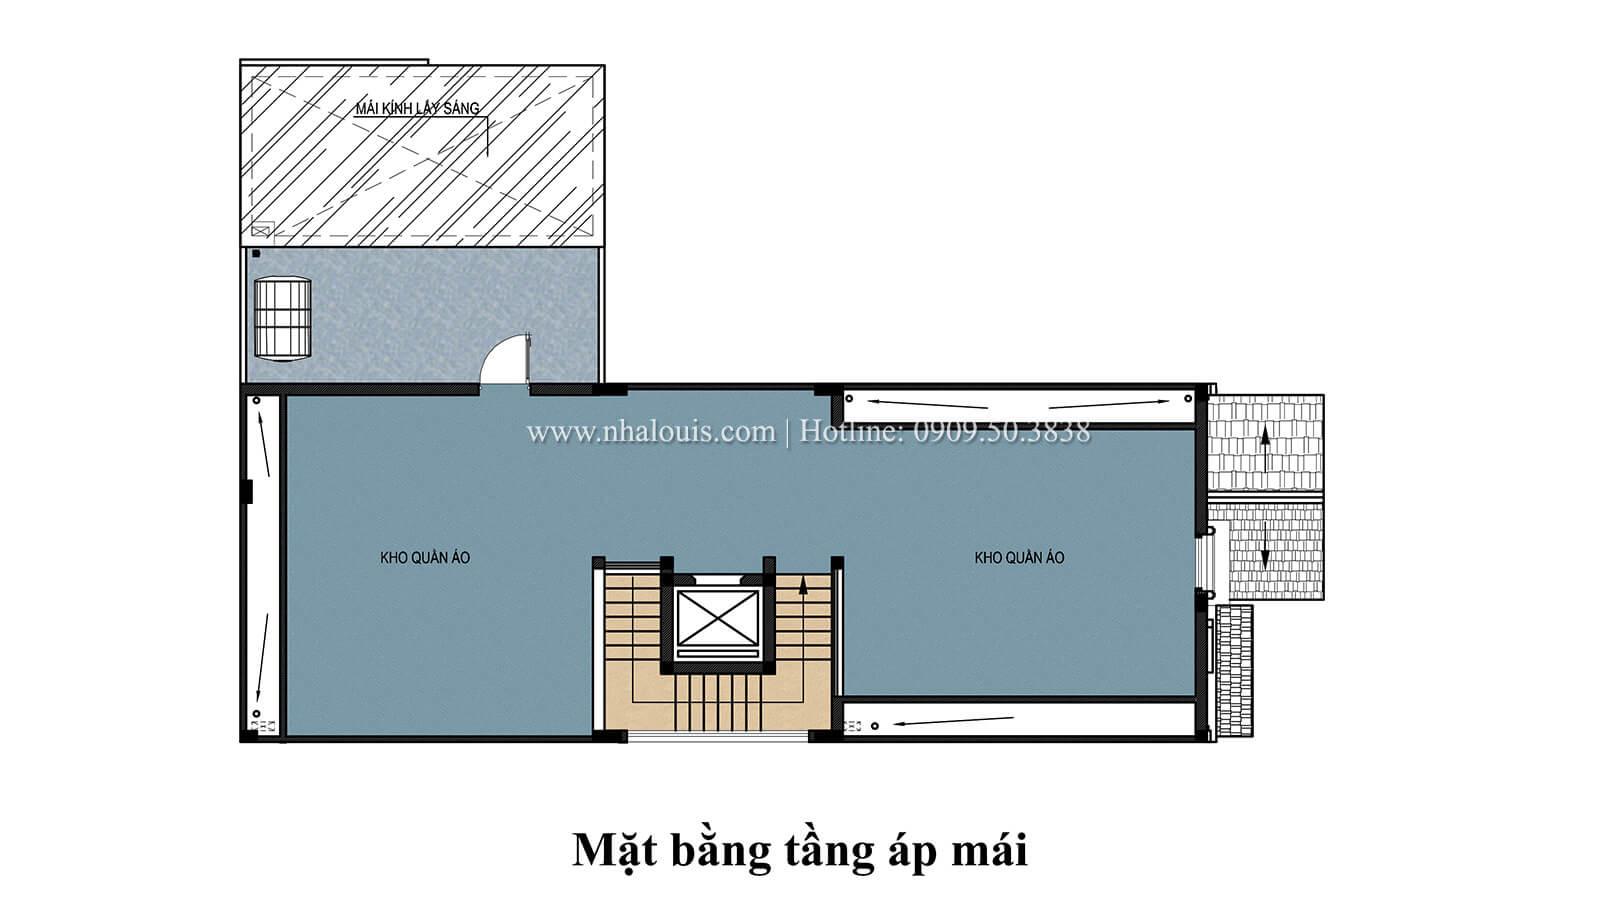 Mặt bằng áp mái Nhà phố bán cổ điển với thần thái cực chất tại Tân Bình - 29